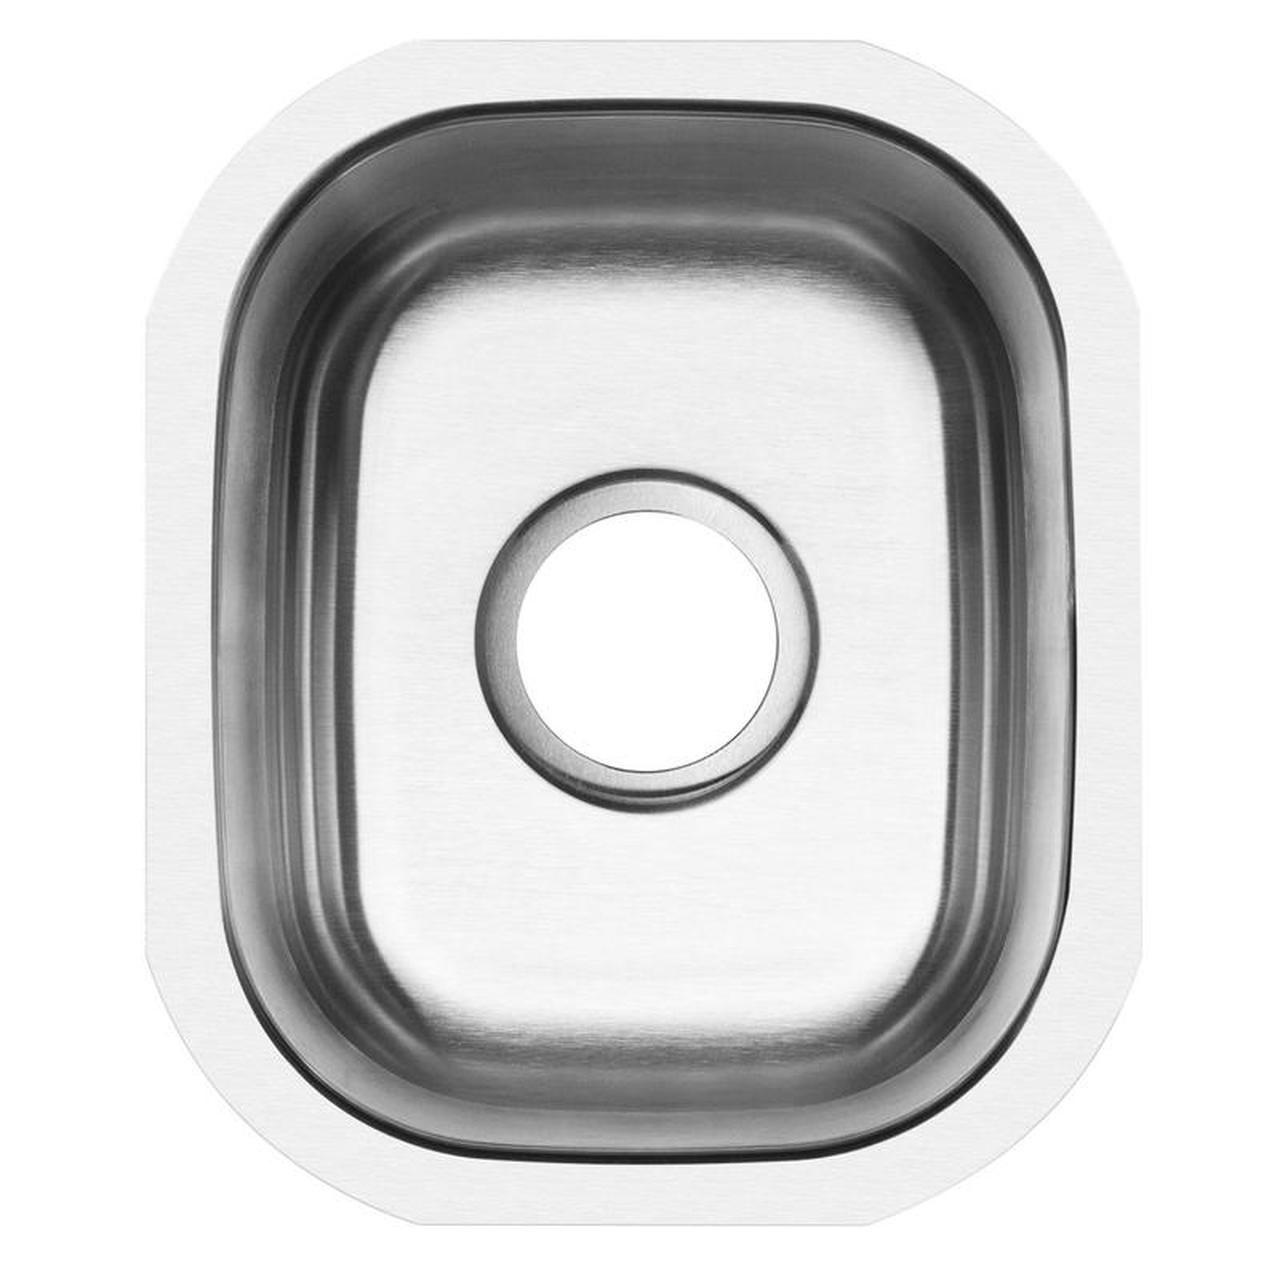 Beli  16-Gauge Stainless Steel Klasik Satu Basin Dapur Dan Bar Sink,16-Gauge Stainless Steel Klasik Satu Basin Dapur Dan Bar Sink Harga,16-Gauge Stainless Steel Klasik Satu Basin Dapur Dan Bar Sink Merek,16-Gauge Stainless Steel Klasik Satu Basin Dapur Dan Bar Sink Produsen,16-Gauge Stainless Steel Klasik Satu Basin Dapur Dan Bar Sink Quotes,16-Gauge Stainless Steel Klasik Satu Basin Dapur Dan Bar Sink Perusahaan,